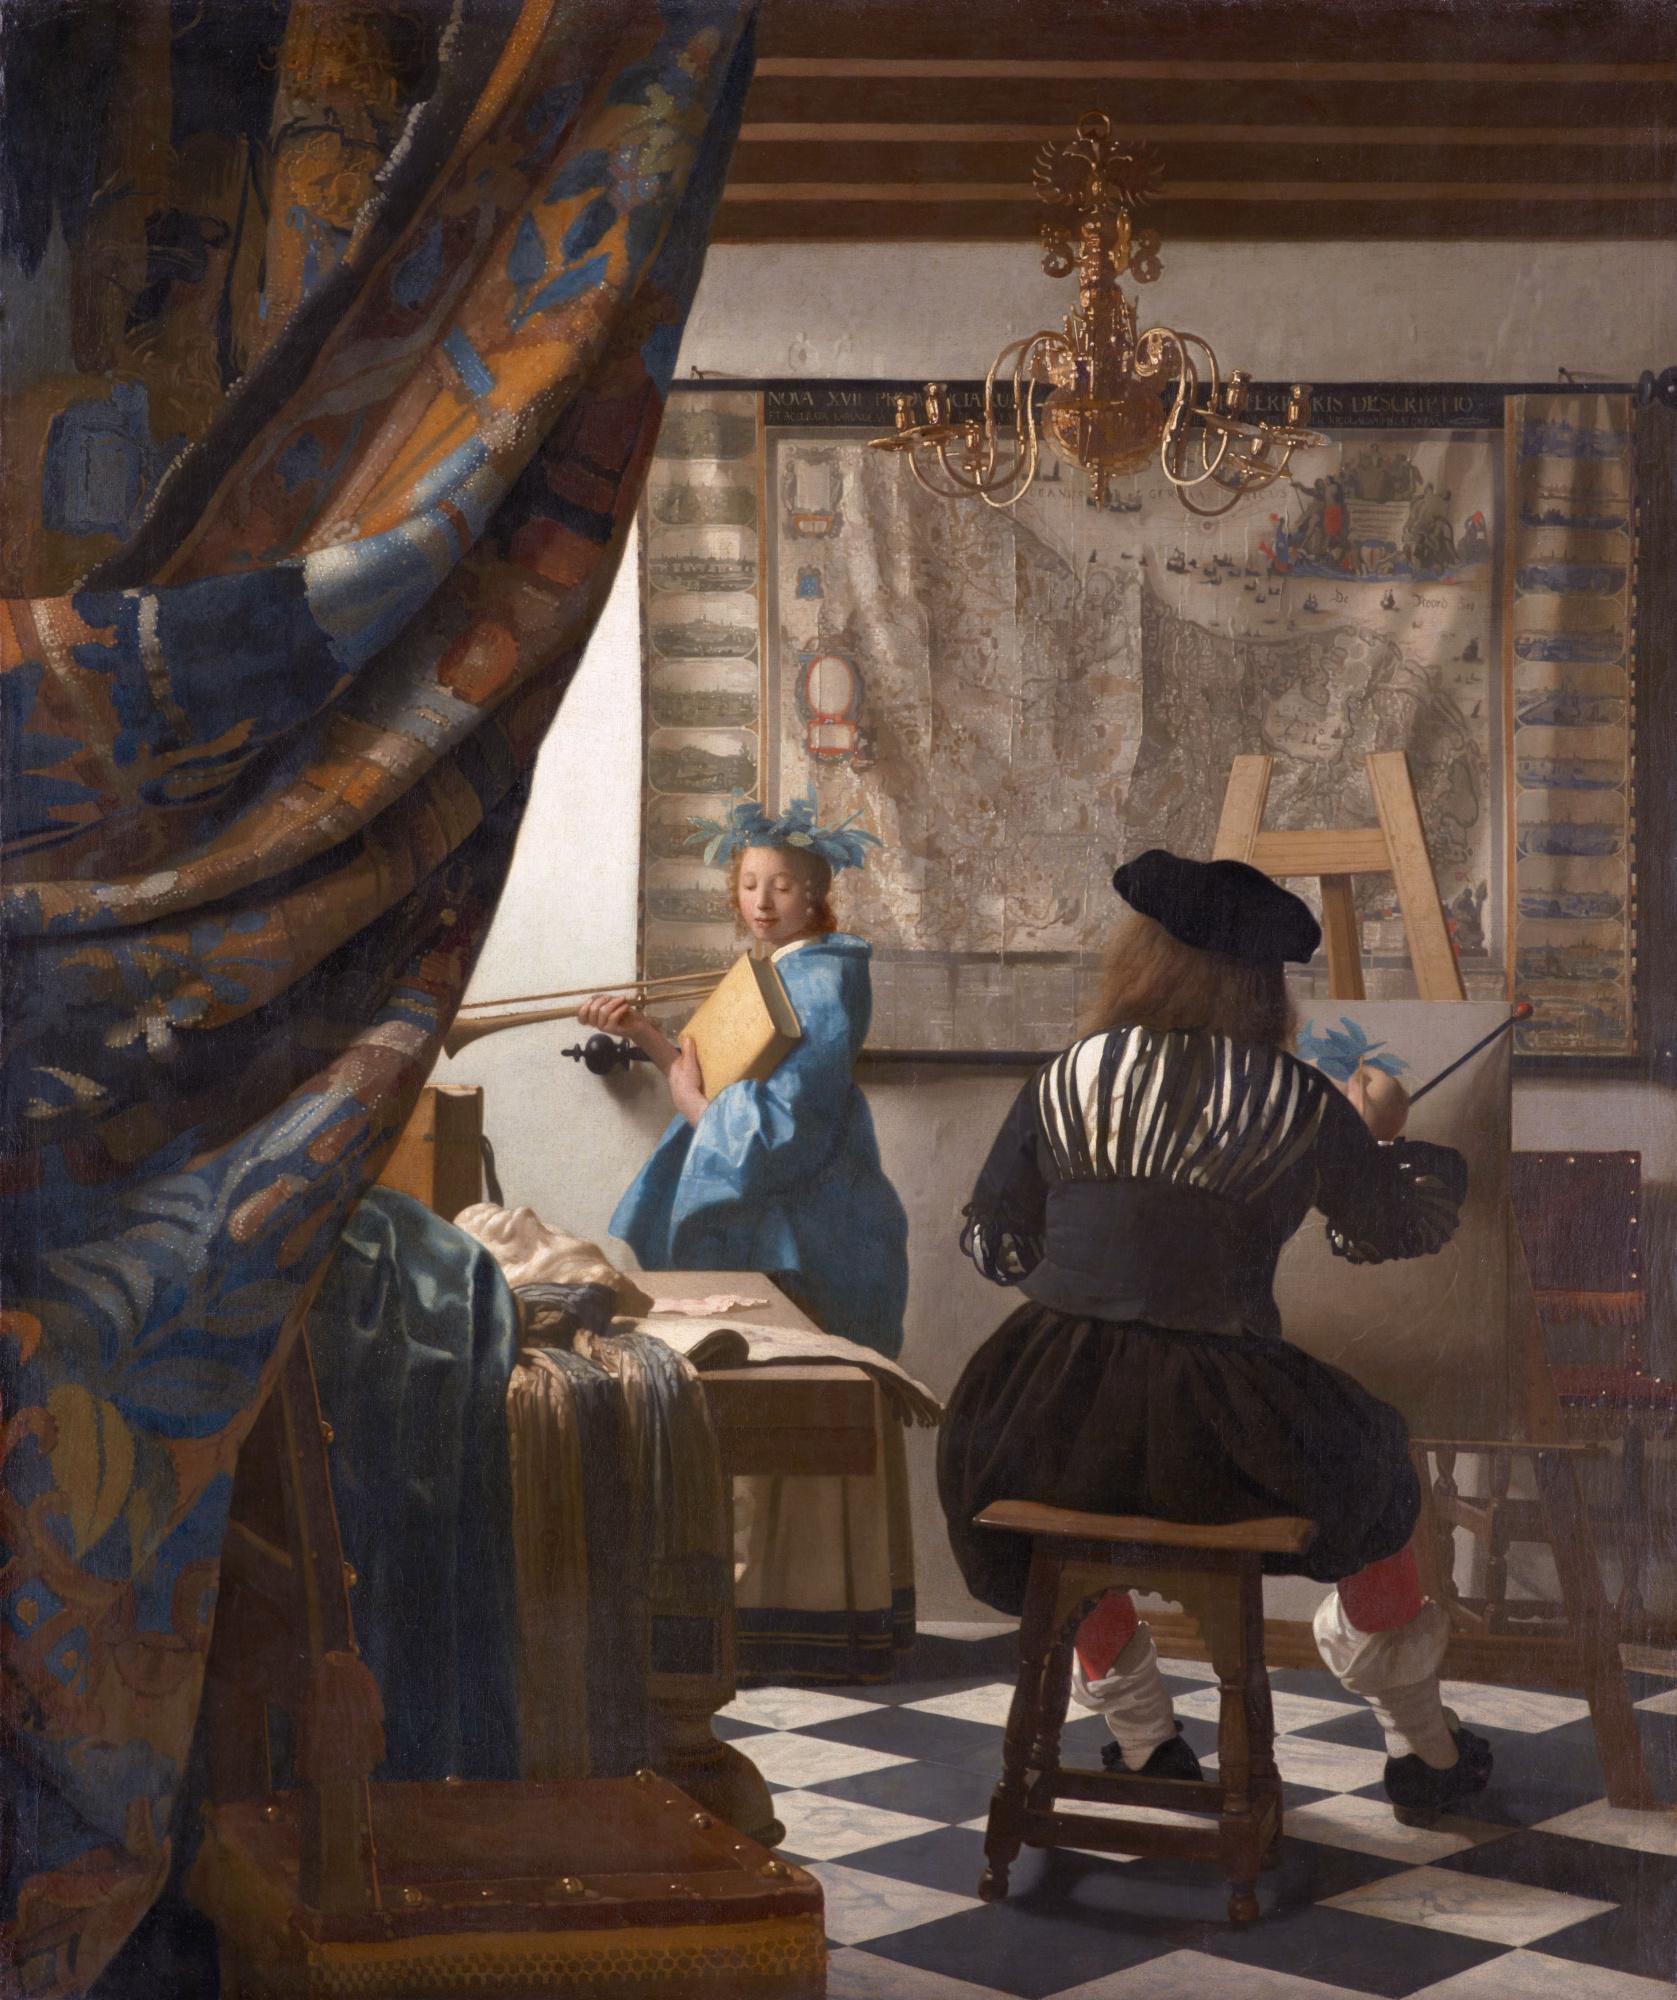 Ян Вермеер. Мастерская художника (Аллегория живописи)